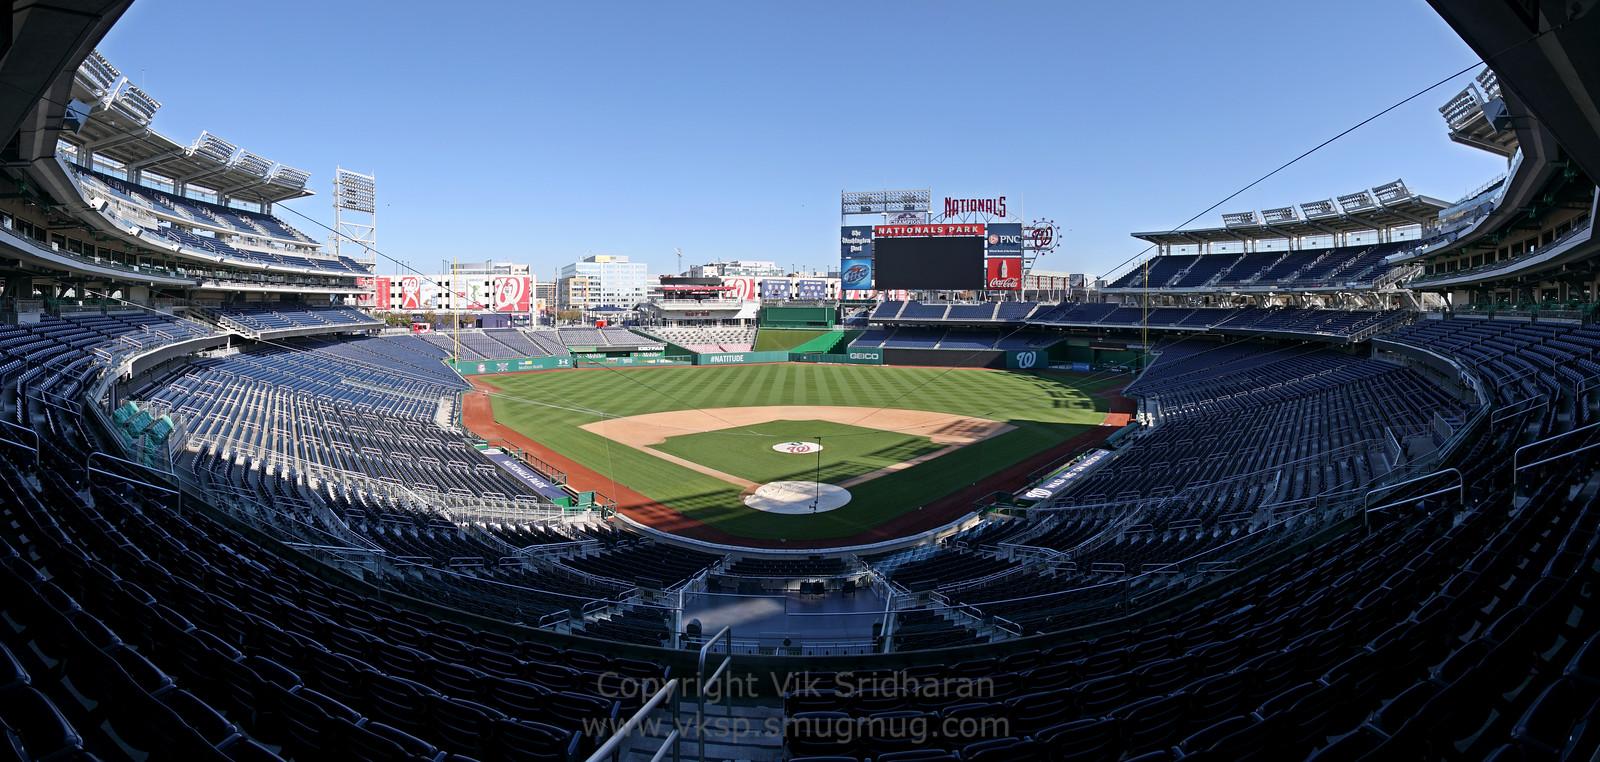 http://www.vksphoto.com/CitiesBuildingsetc/Panoramas/i-TR5KTWJ/0/X3/COMPOSITE2%2010-26-13-X3.jpg